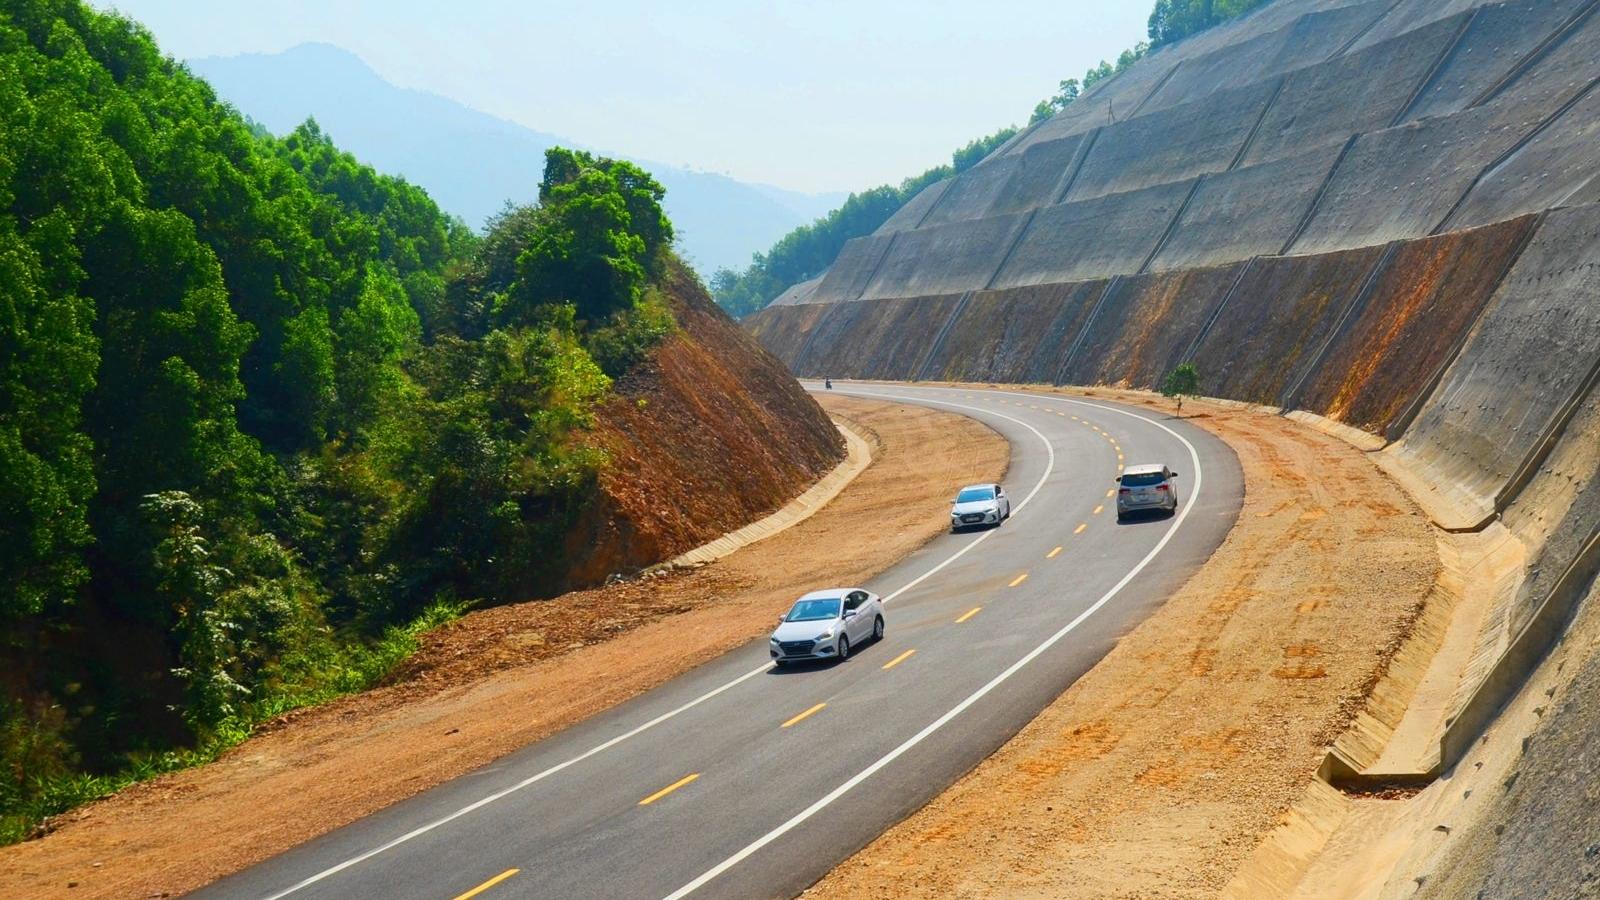 Siêu dự án cao tốc Bắc-Nam: Cú hích lớn cho chuyển đổi cơ cấu kinh tế